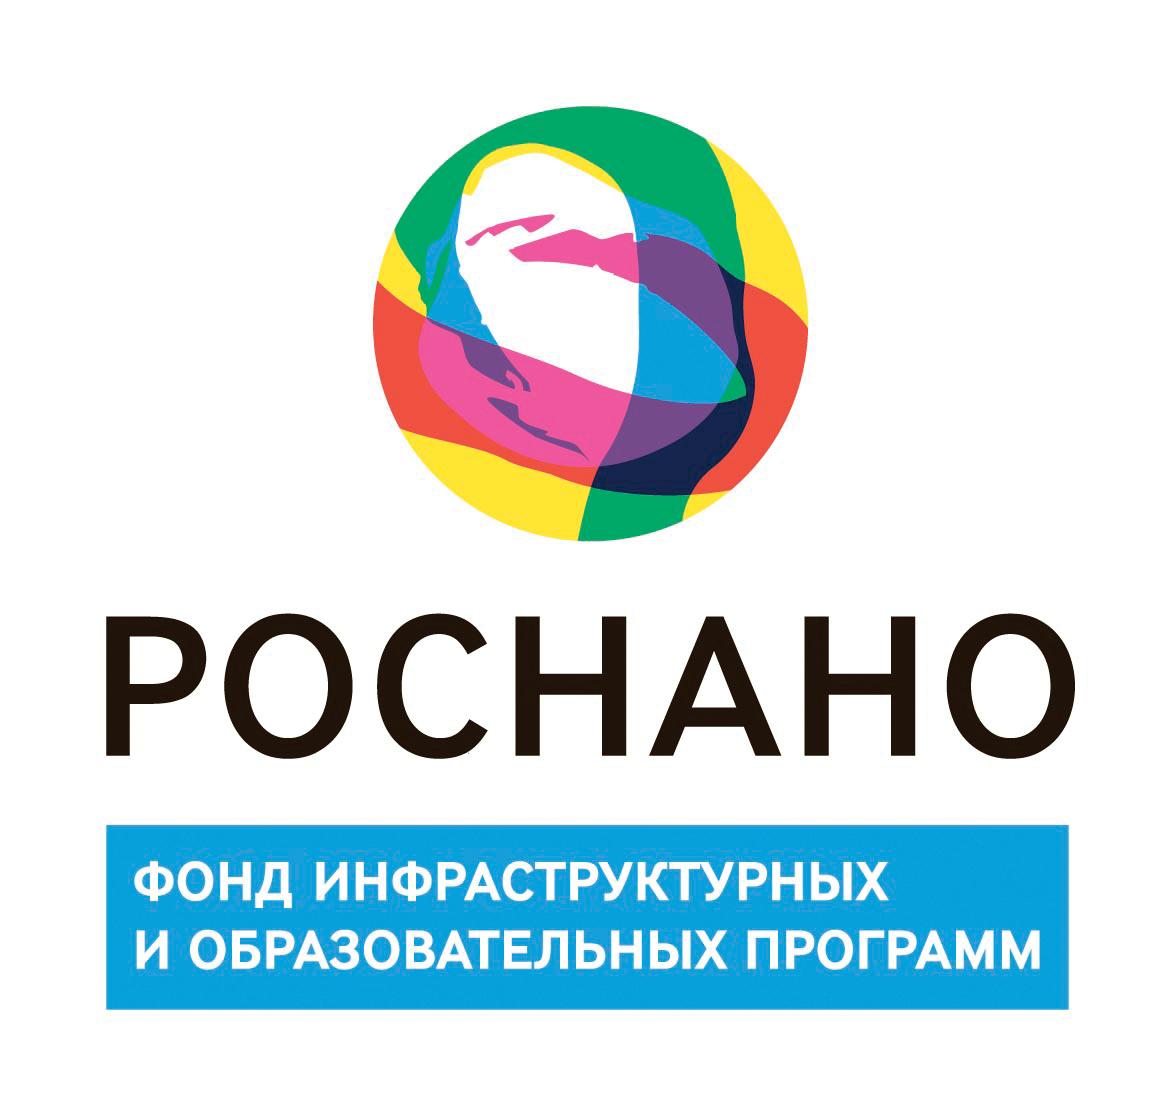 ФИОП начинает конкурентный отбор заявок